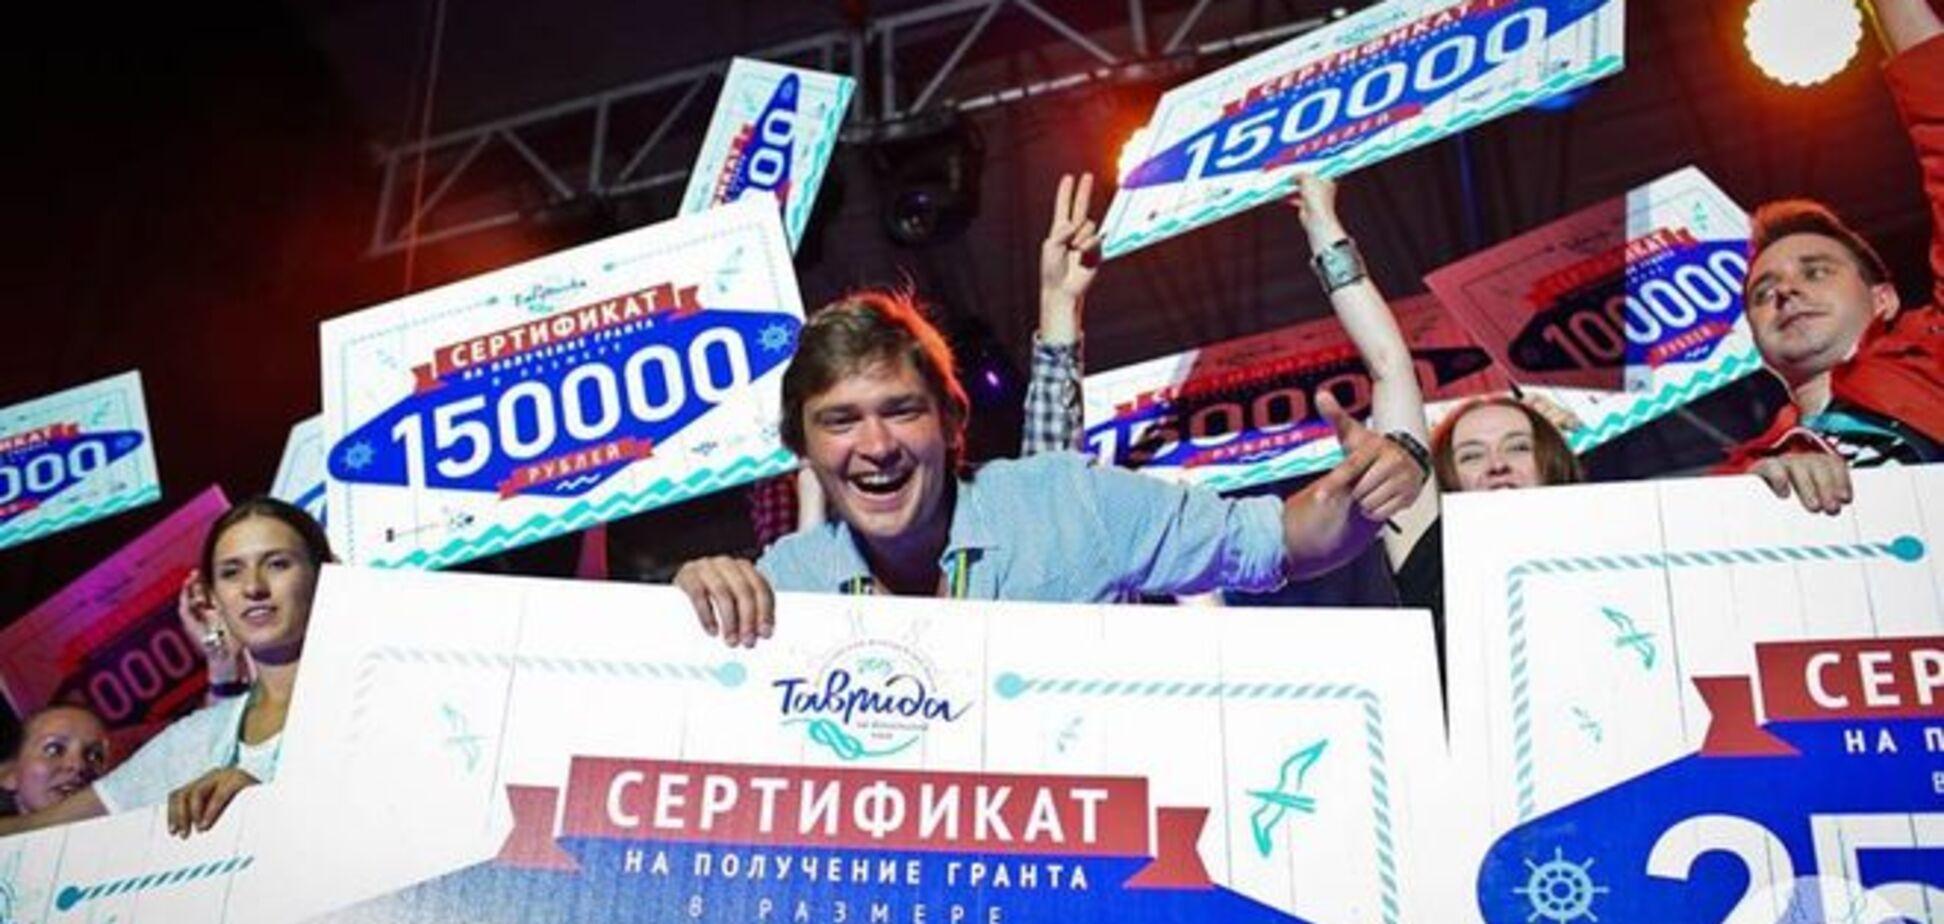 Маразм крепчал: в России в театре покажут пьесу о создании 'ДНР'